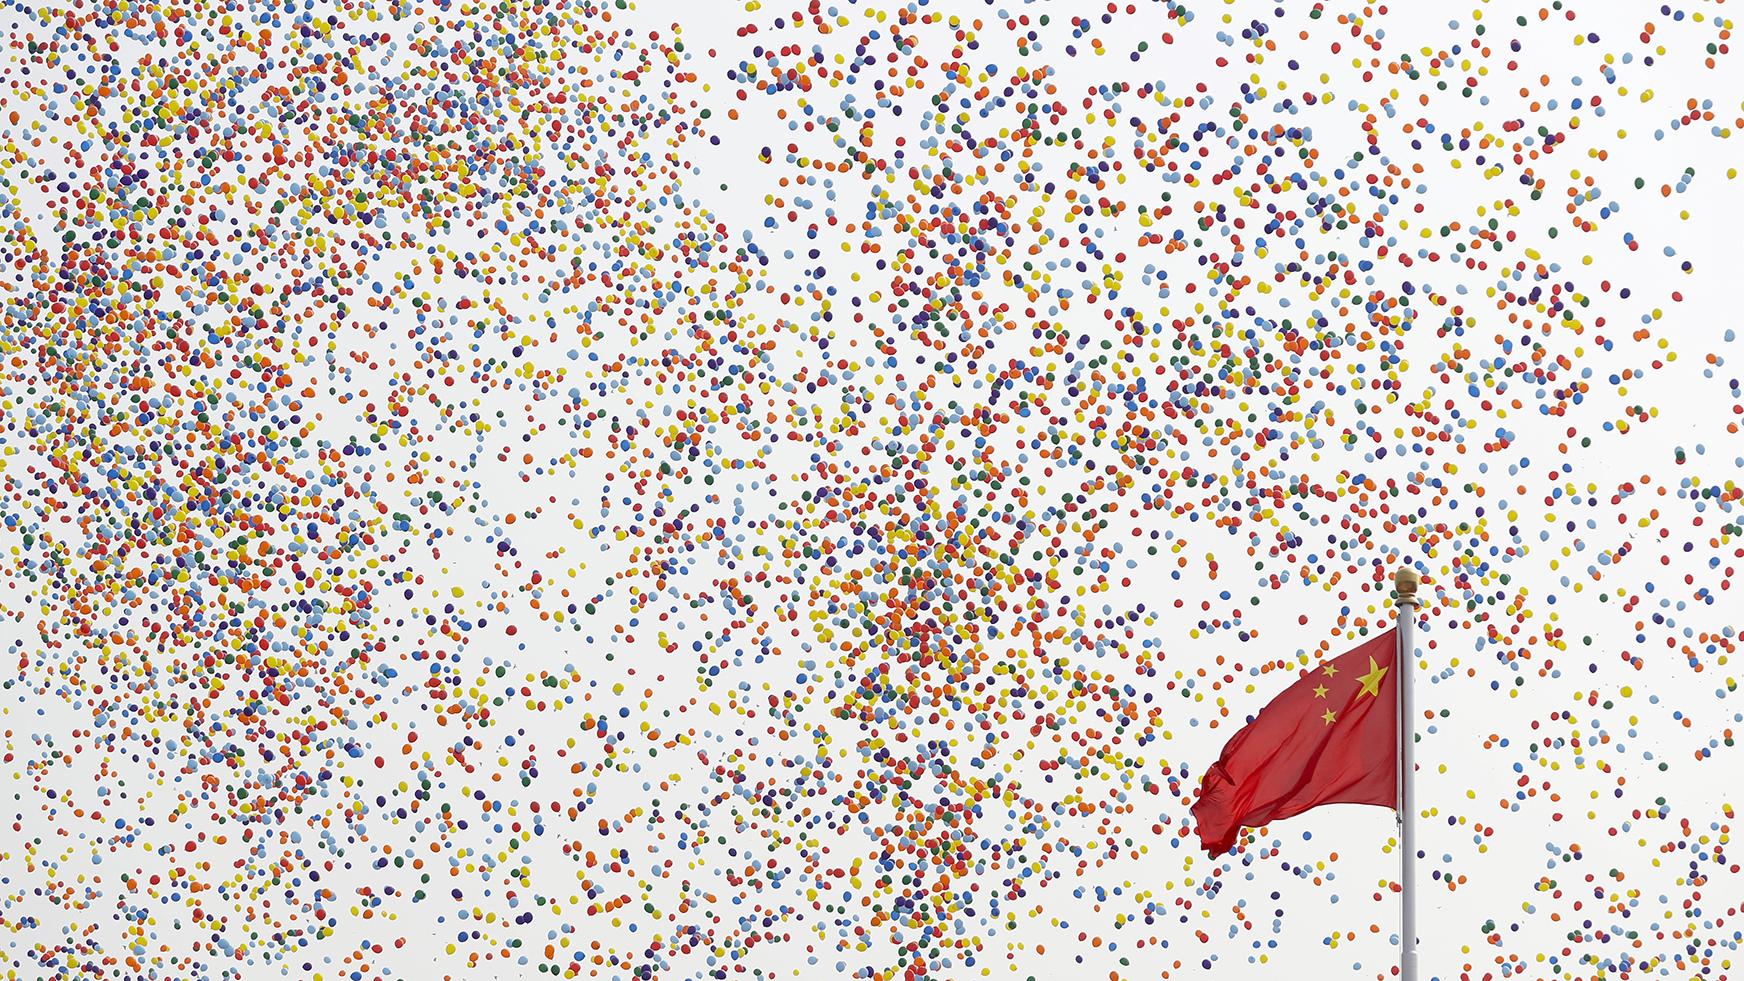 中国国庆70周年上的的国旗和升起的气球。(美联社)